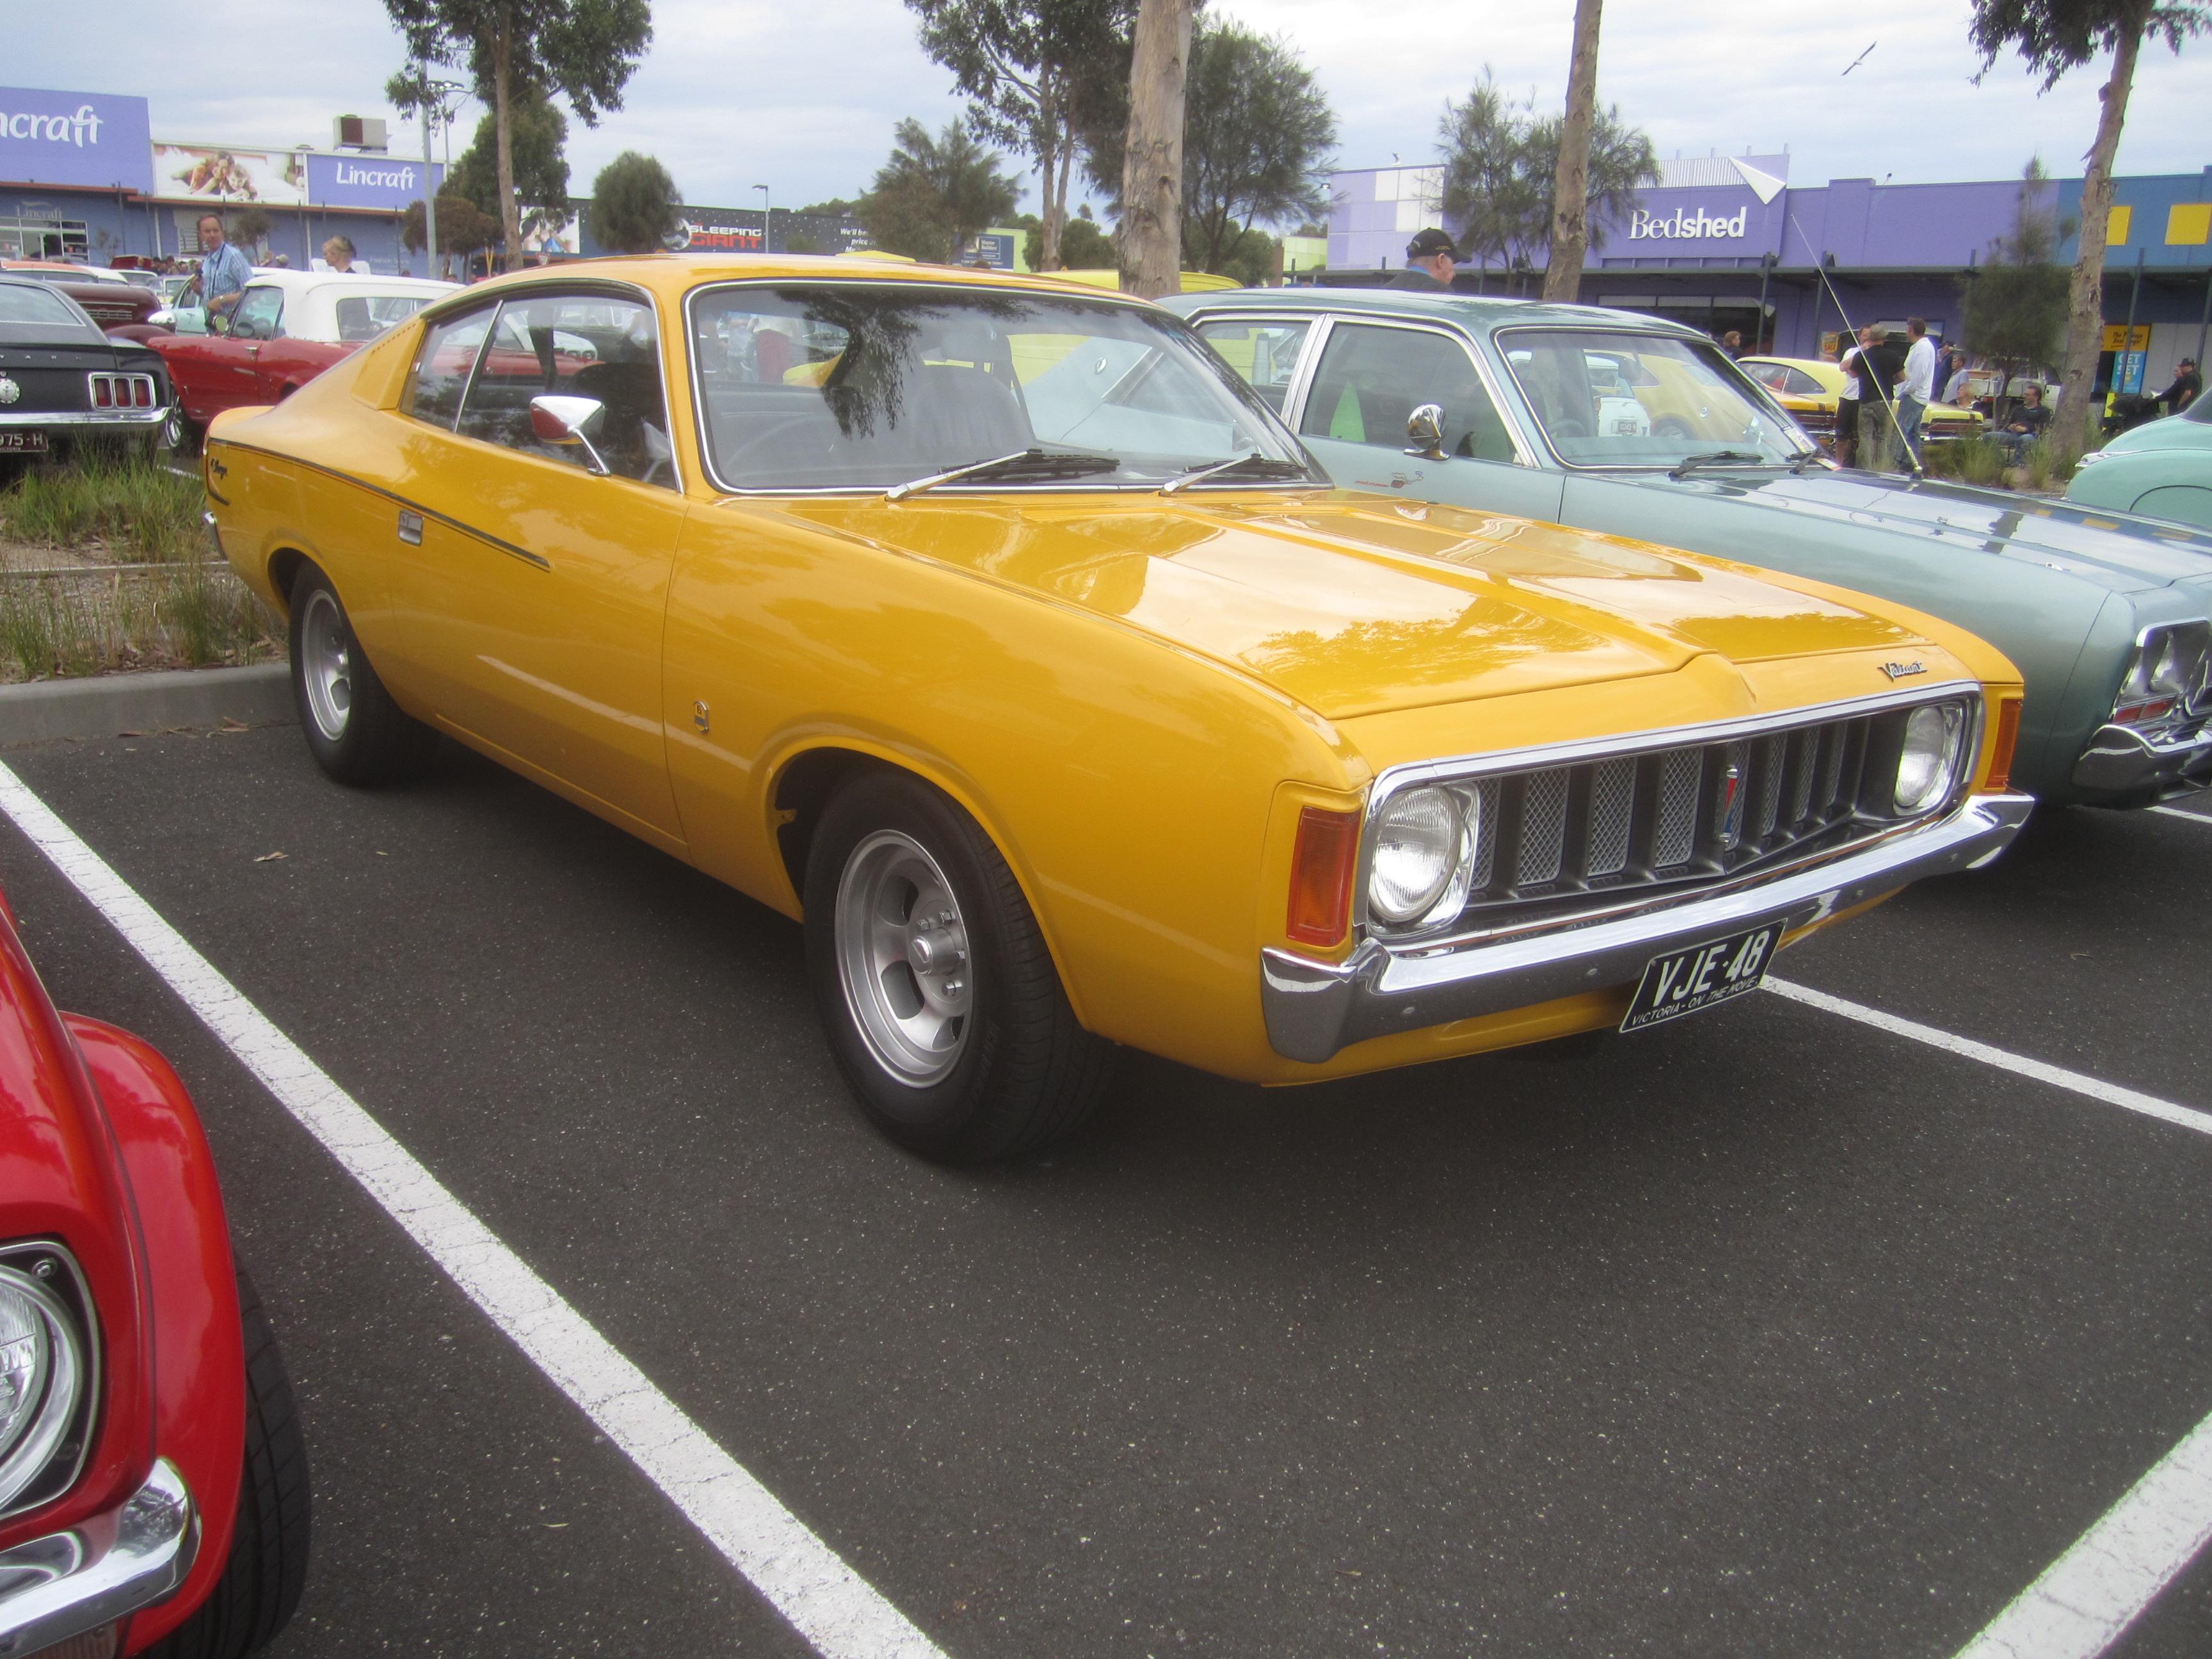 Sale besides 361091616289 moreover 104816 1975 Chrysler Valiant Australian Rhd Ute Low Reserve together with Valiant vj cj technical specifications besides 501478 265 Vk Ute39s Chrysler. on 1975 valiant vj ute